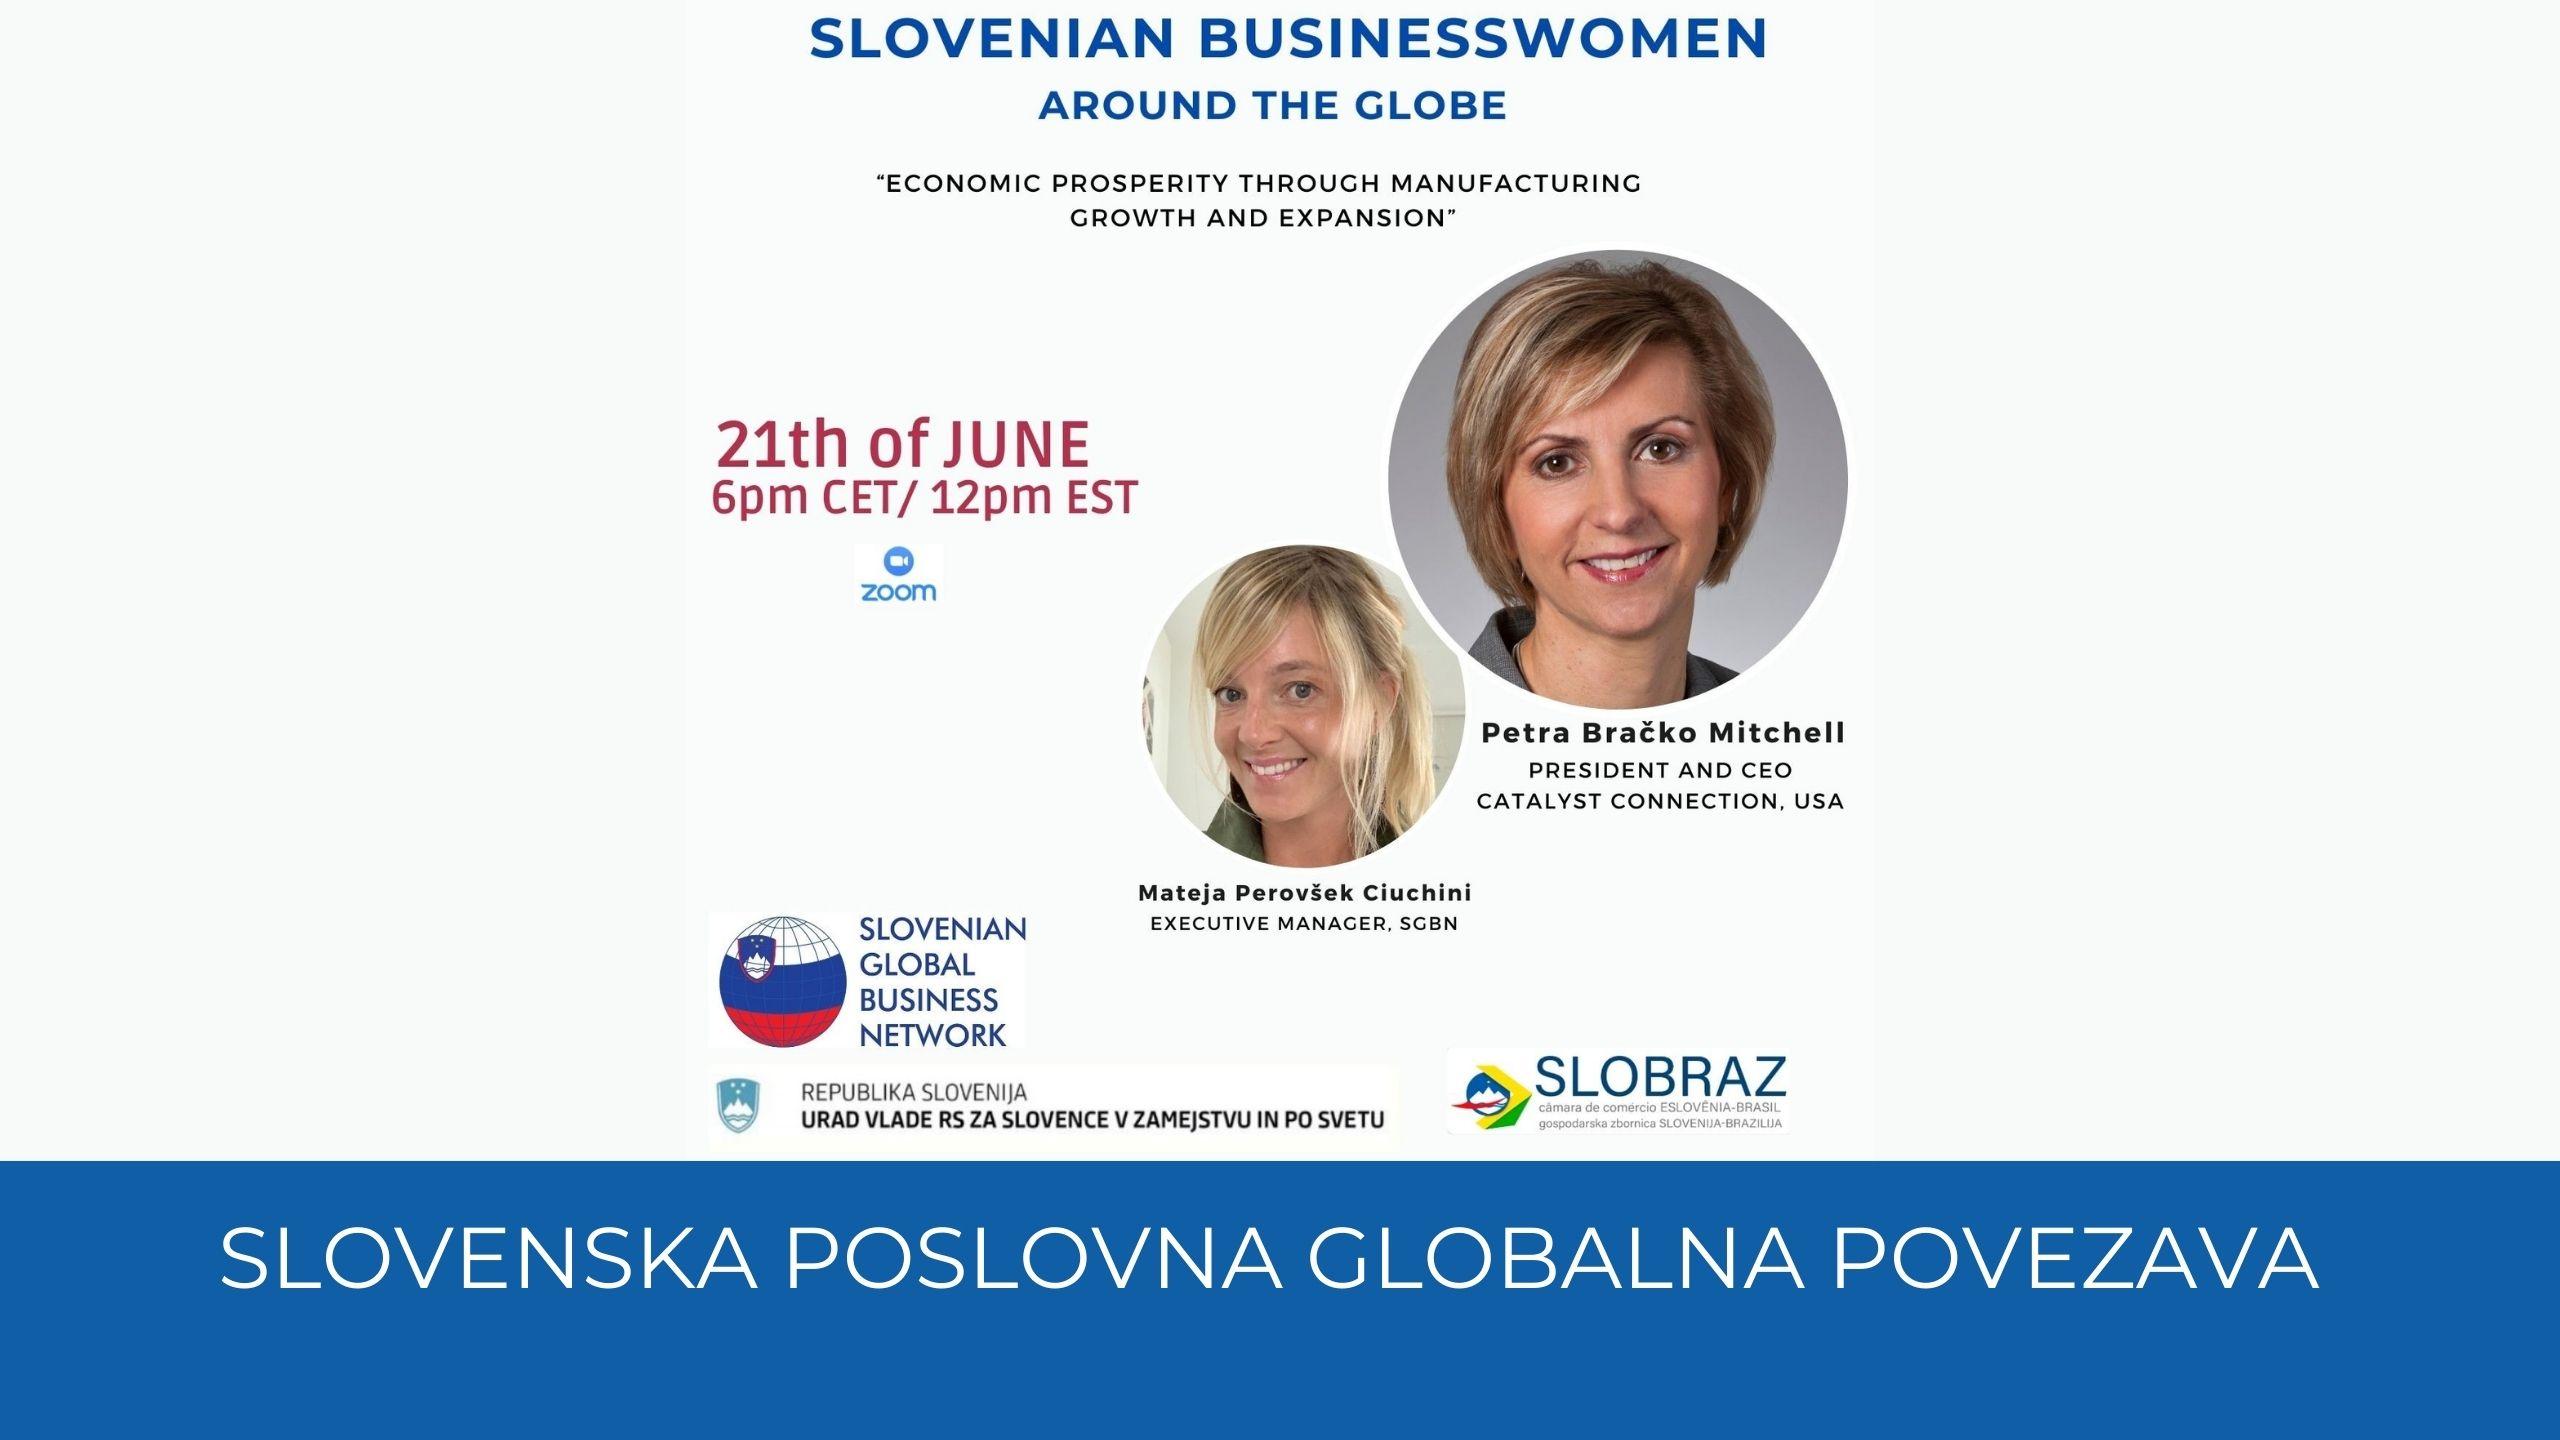 Vabilo SLOVENSKA POSLOVNA GLOBALNA POVEZAVA